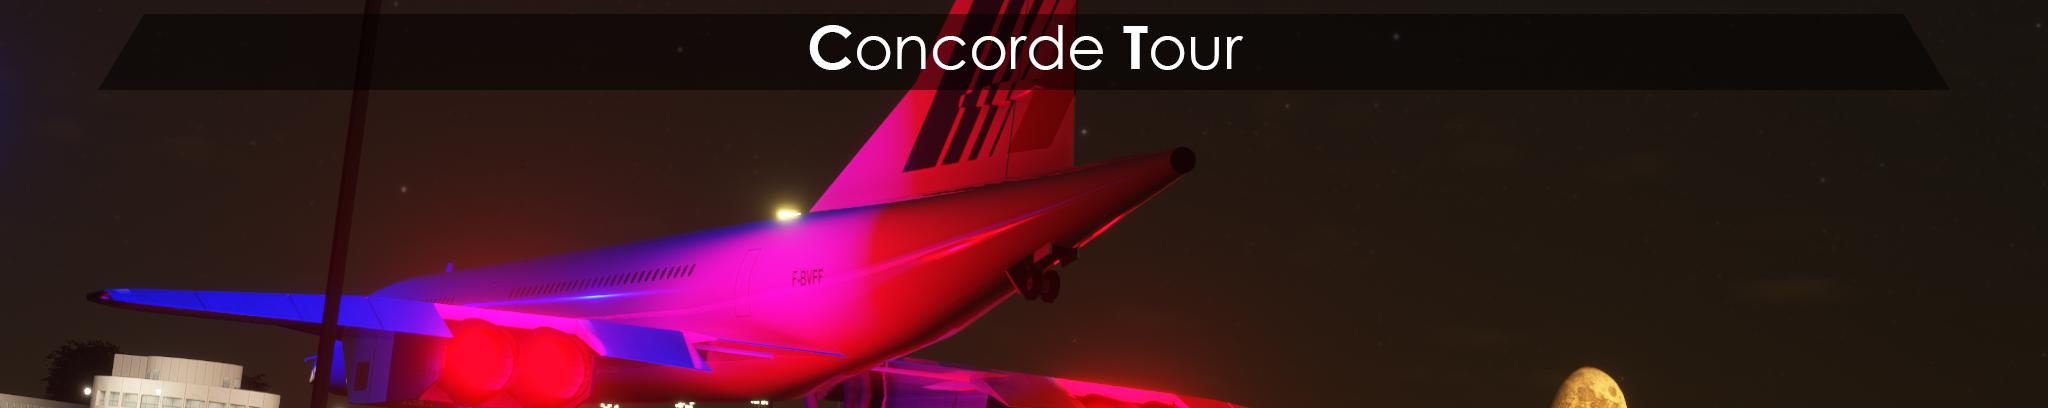 Concorde Tribute Tour